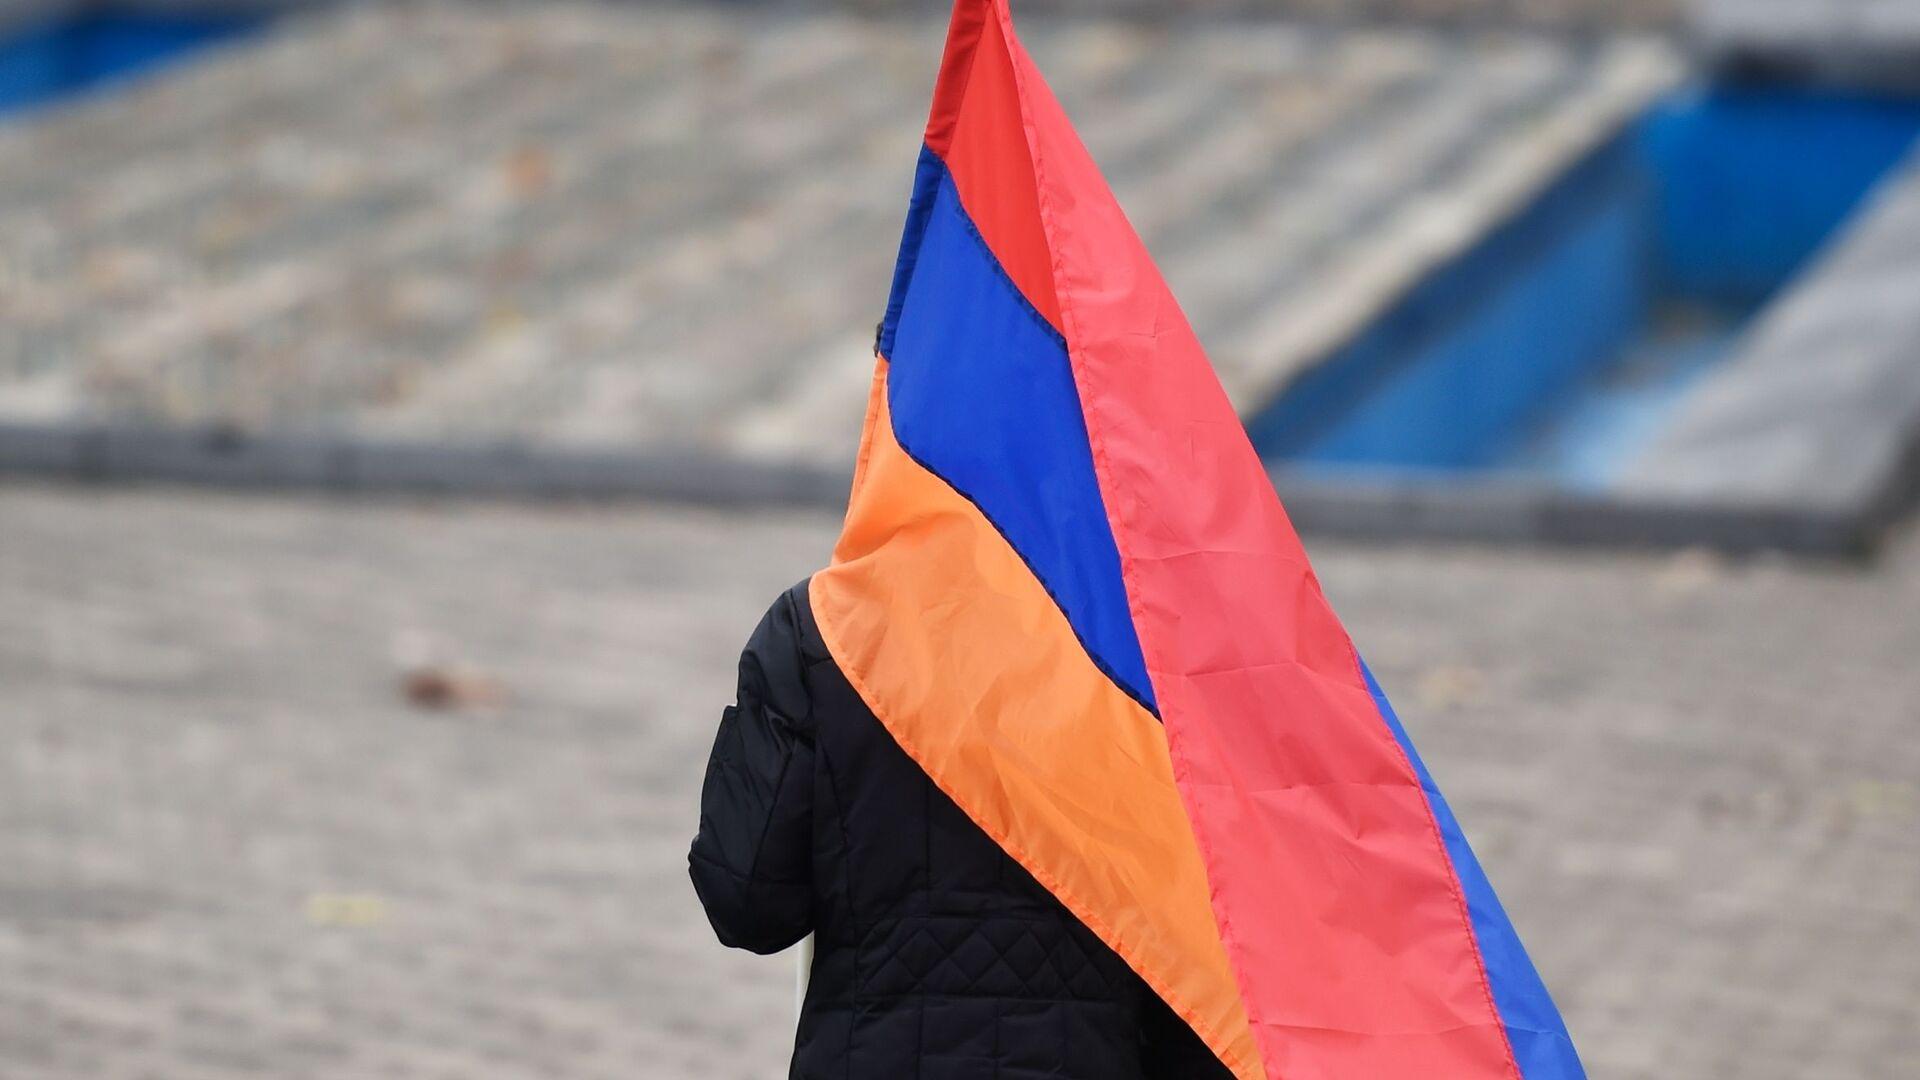 Protestas antigubernamentales en Ereván, Armenia - Sputnik Mundo, 1920, 17.03.2021